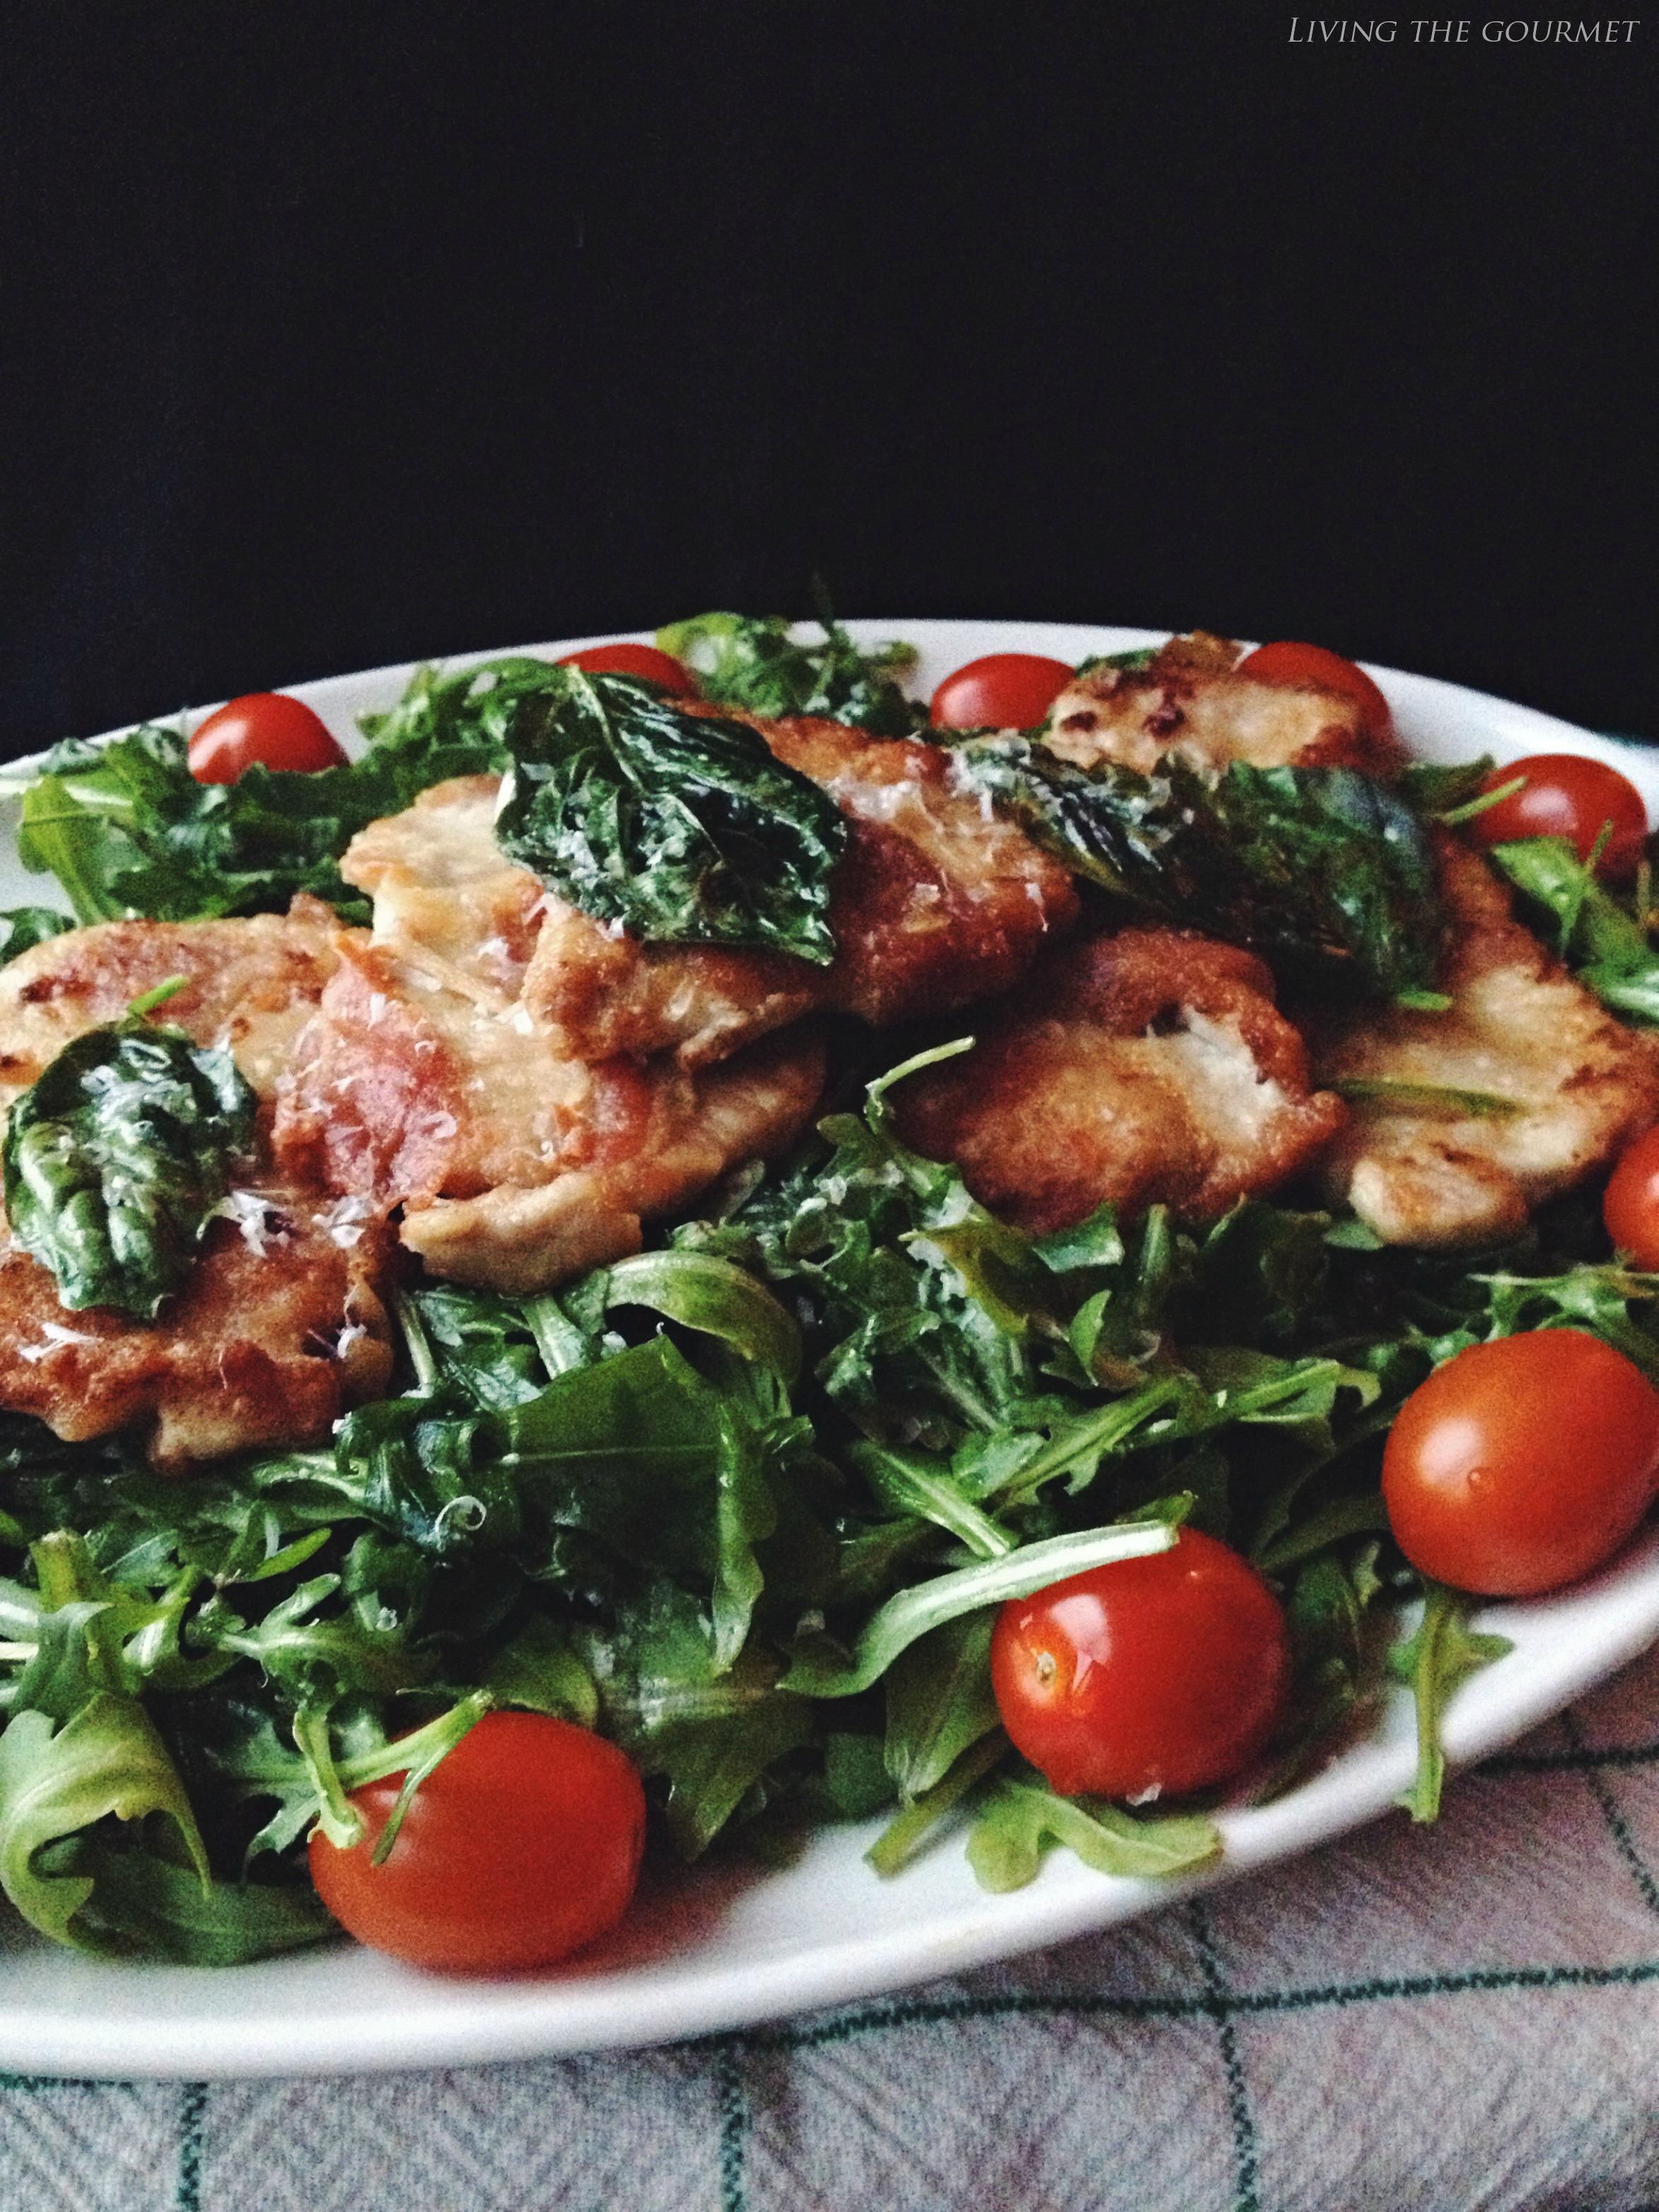 Living the Gourmet: Pork Saltimbocca